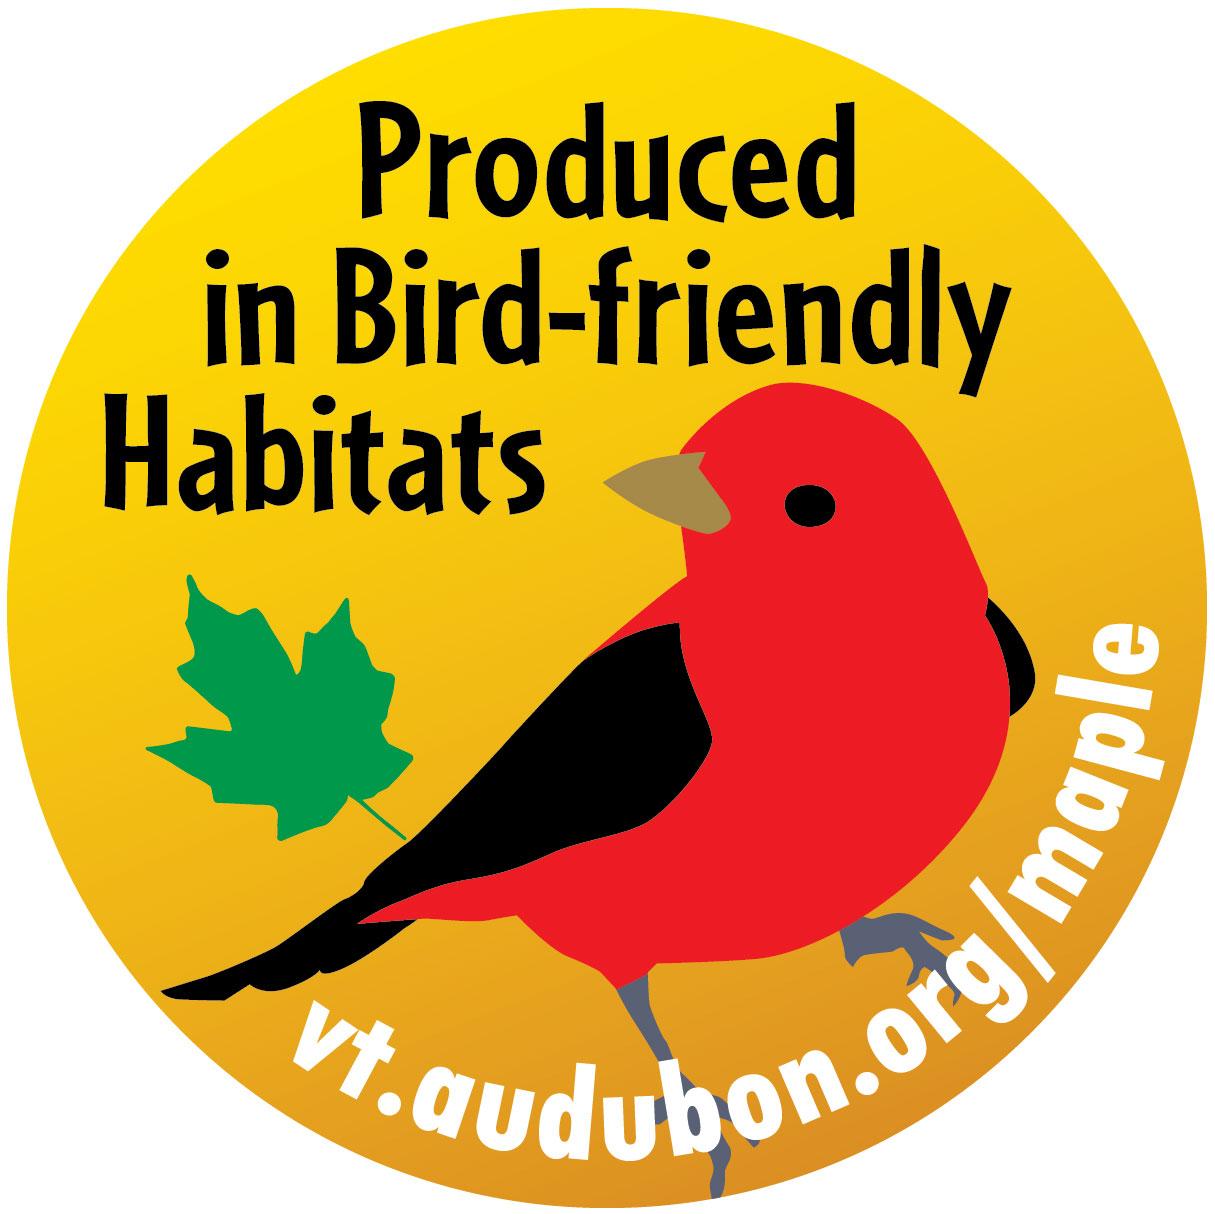 Audubon VT's label.